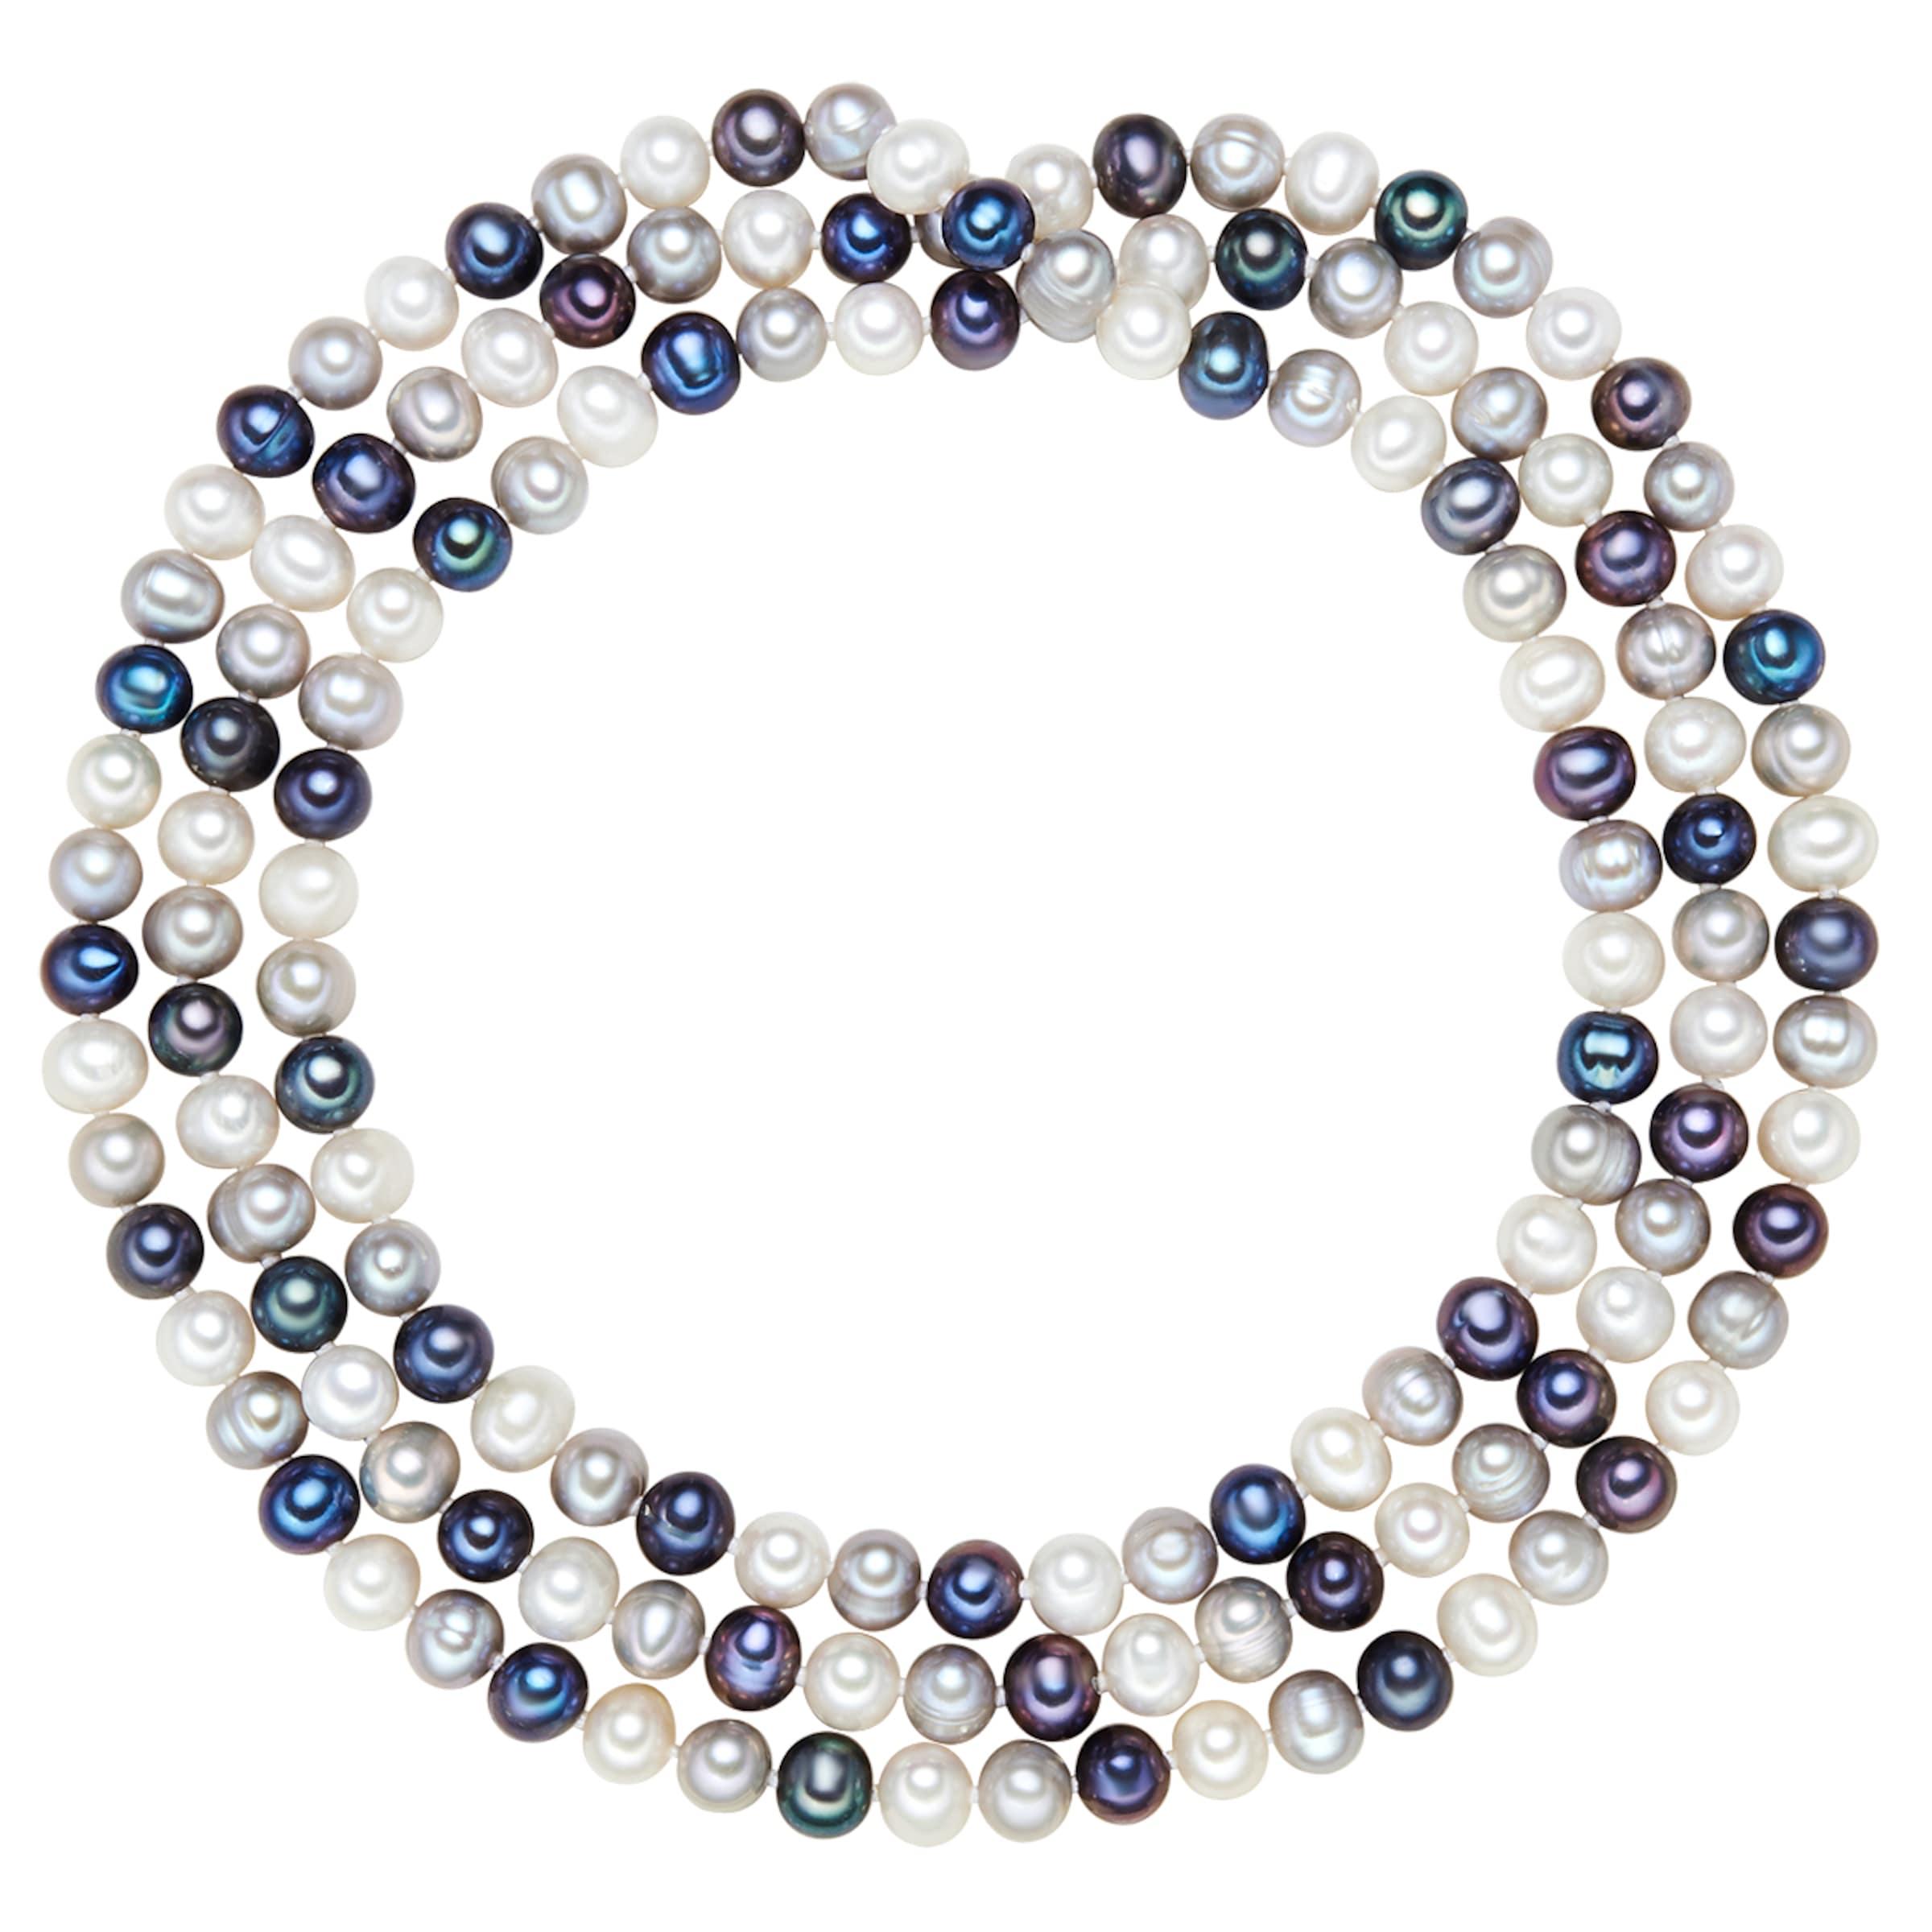 S眉脽wasser Valero Valero Kette Zuchtperlen Pearls mit Pearls UxXwX4fZFq